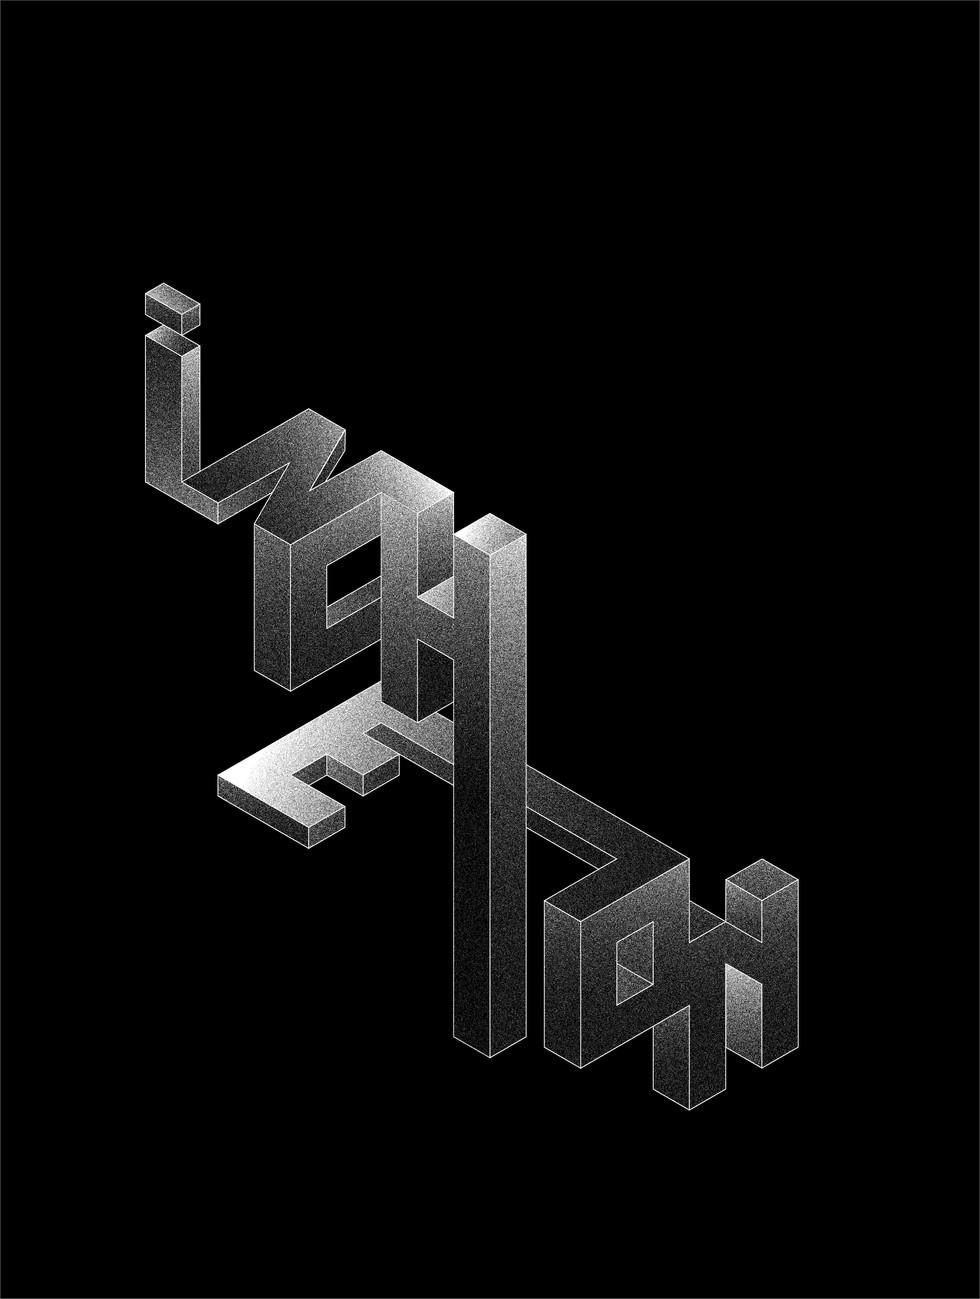 Incheon Isometric